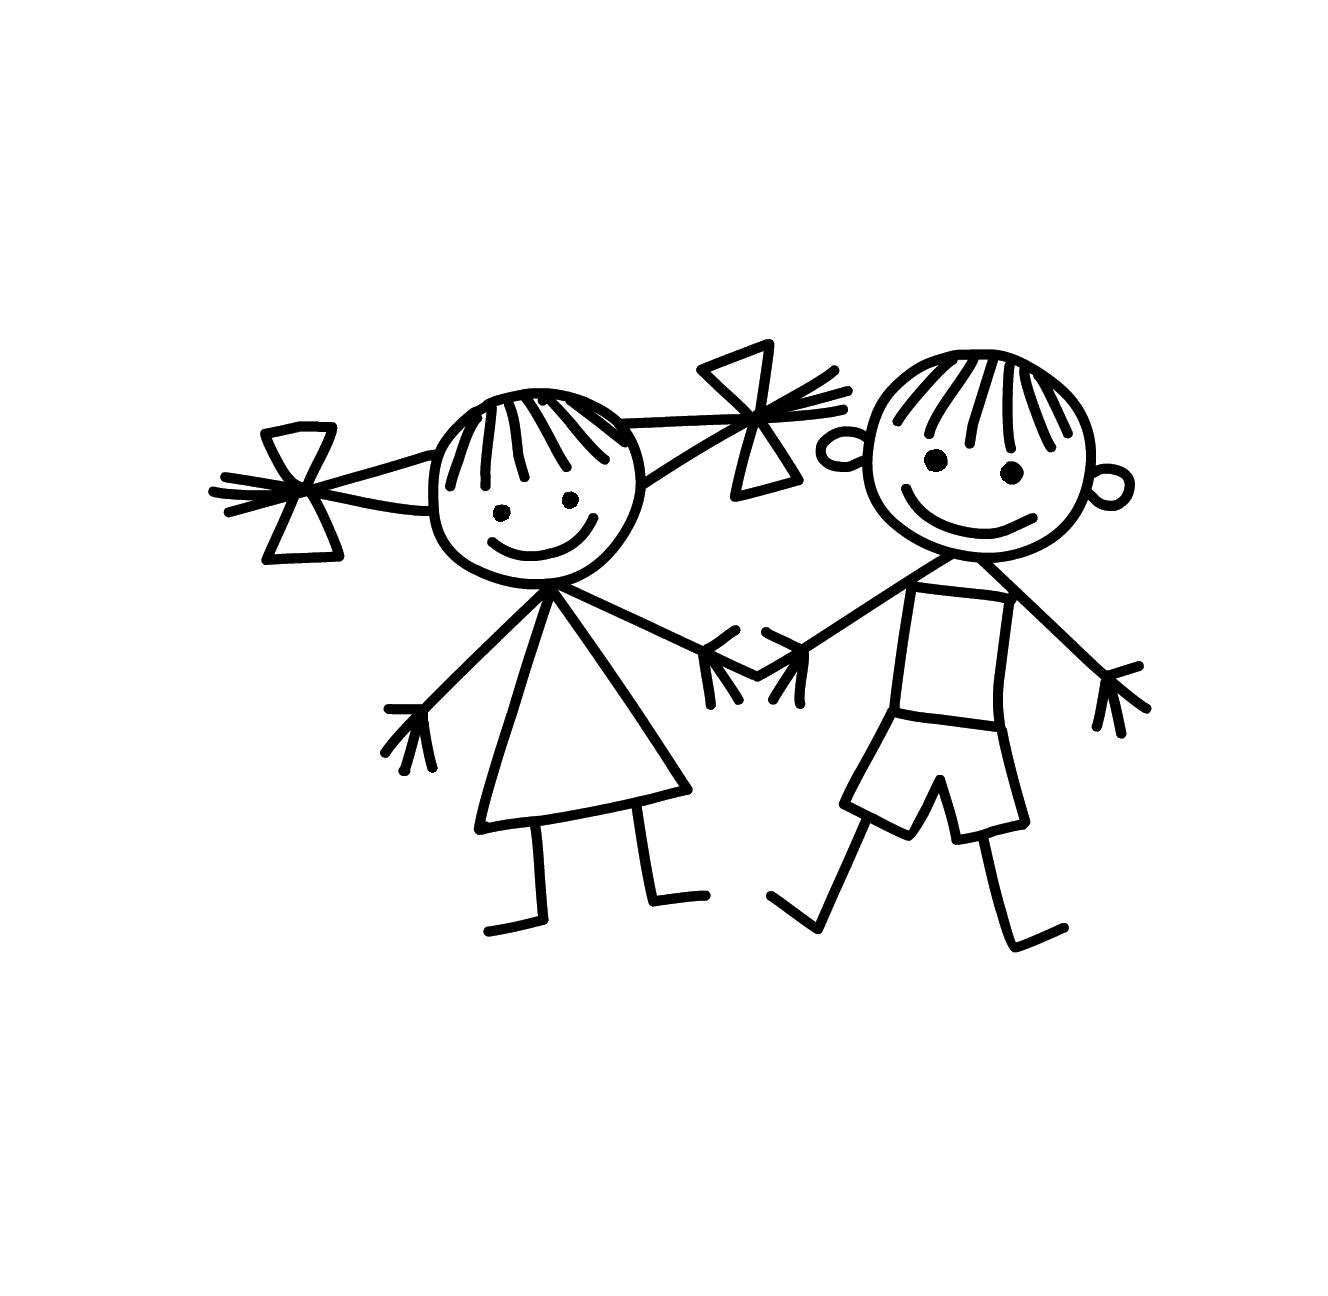 картинки символы дружбы рисовать популярности